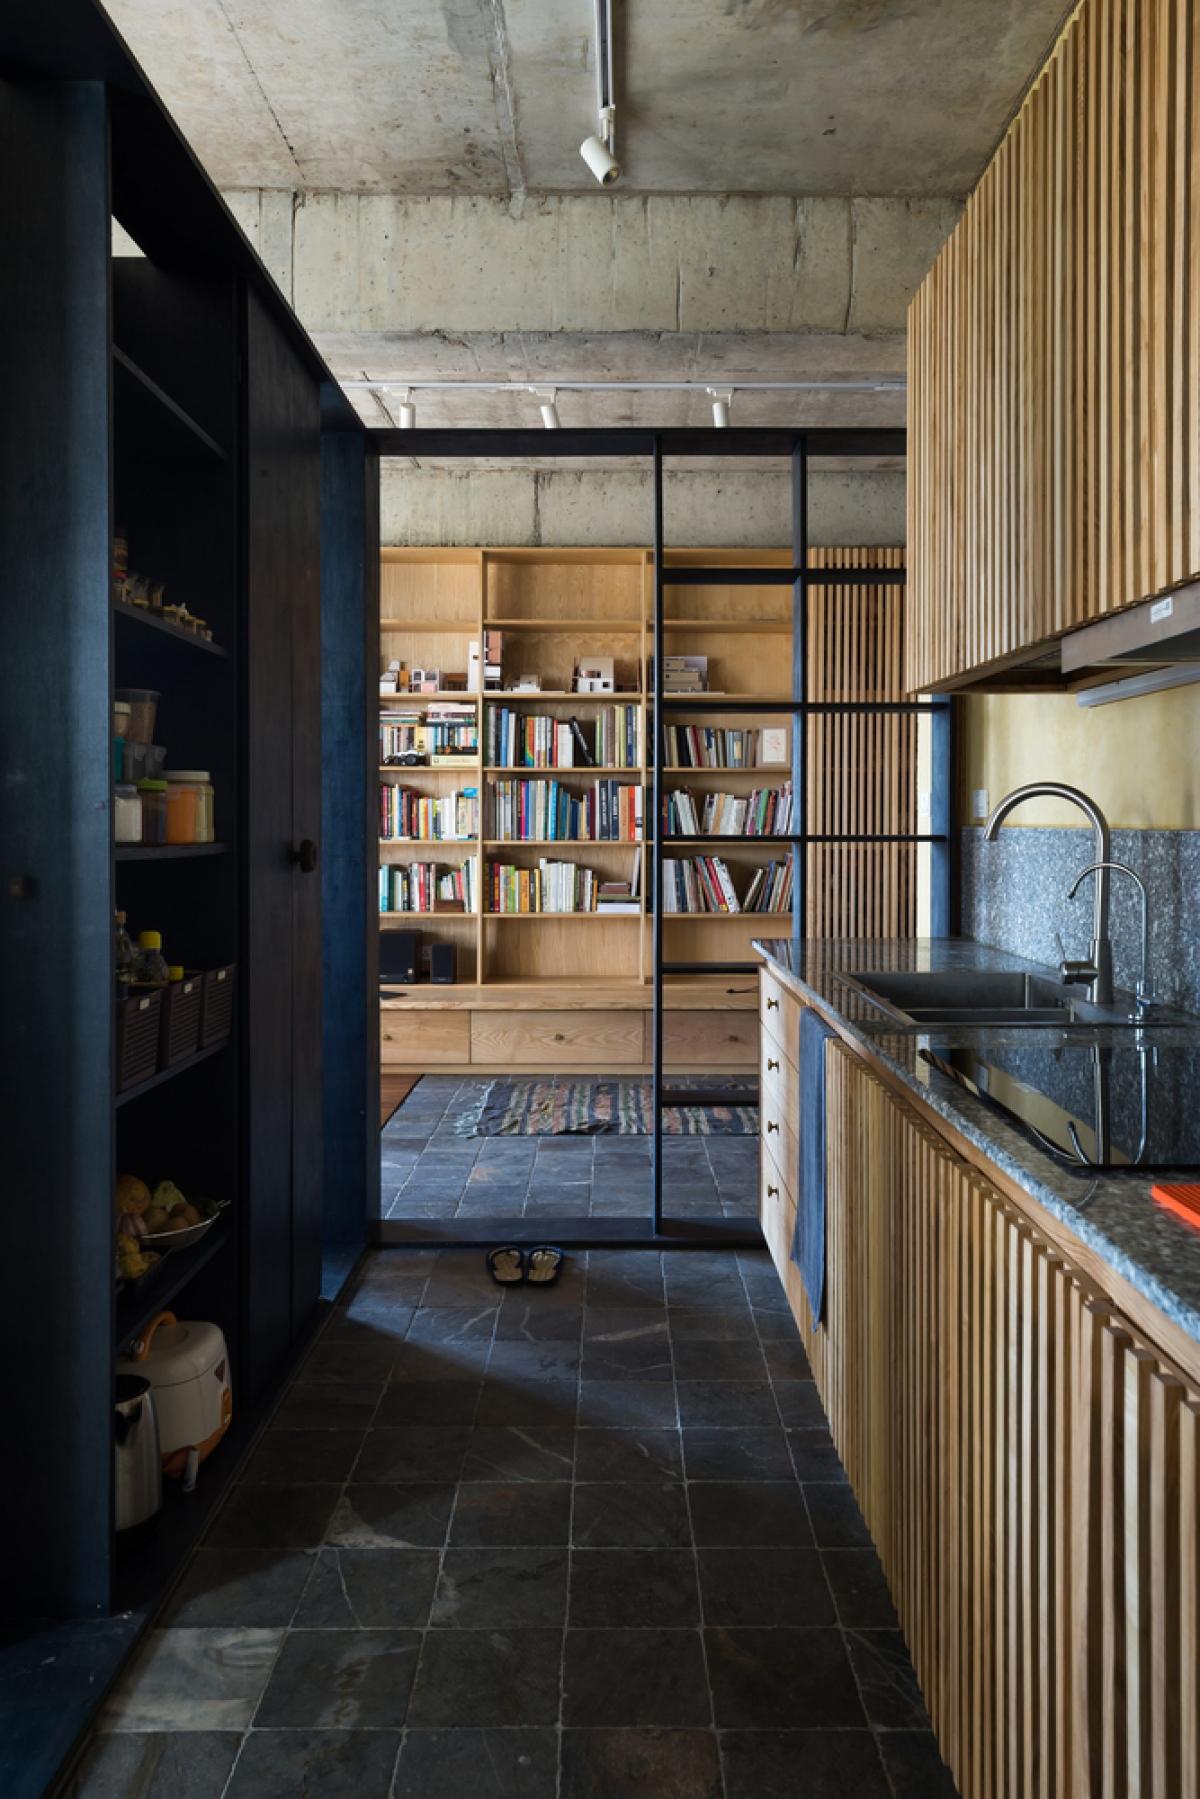 Mặt và sàn nhà bếp ốp đá tiện cho việc làm sạch.